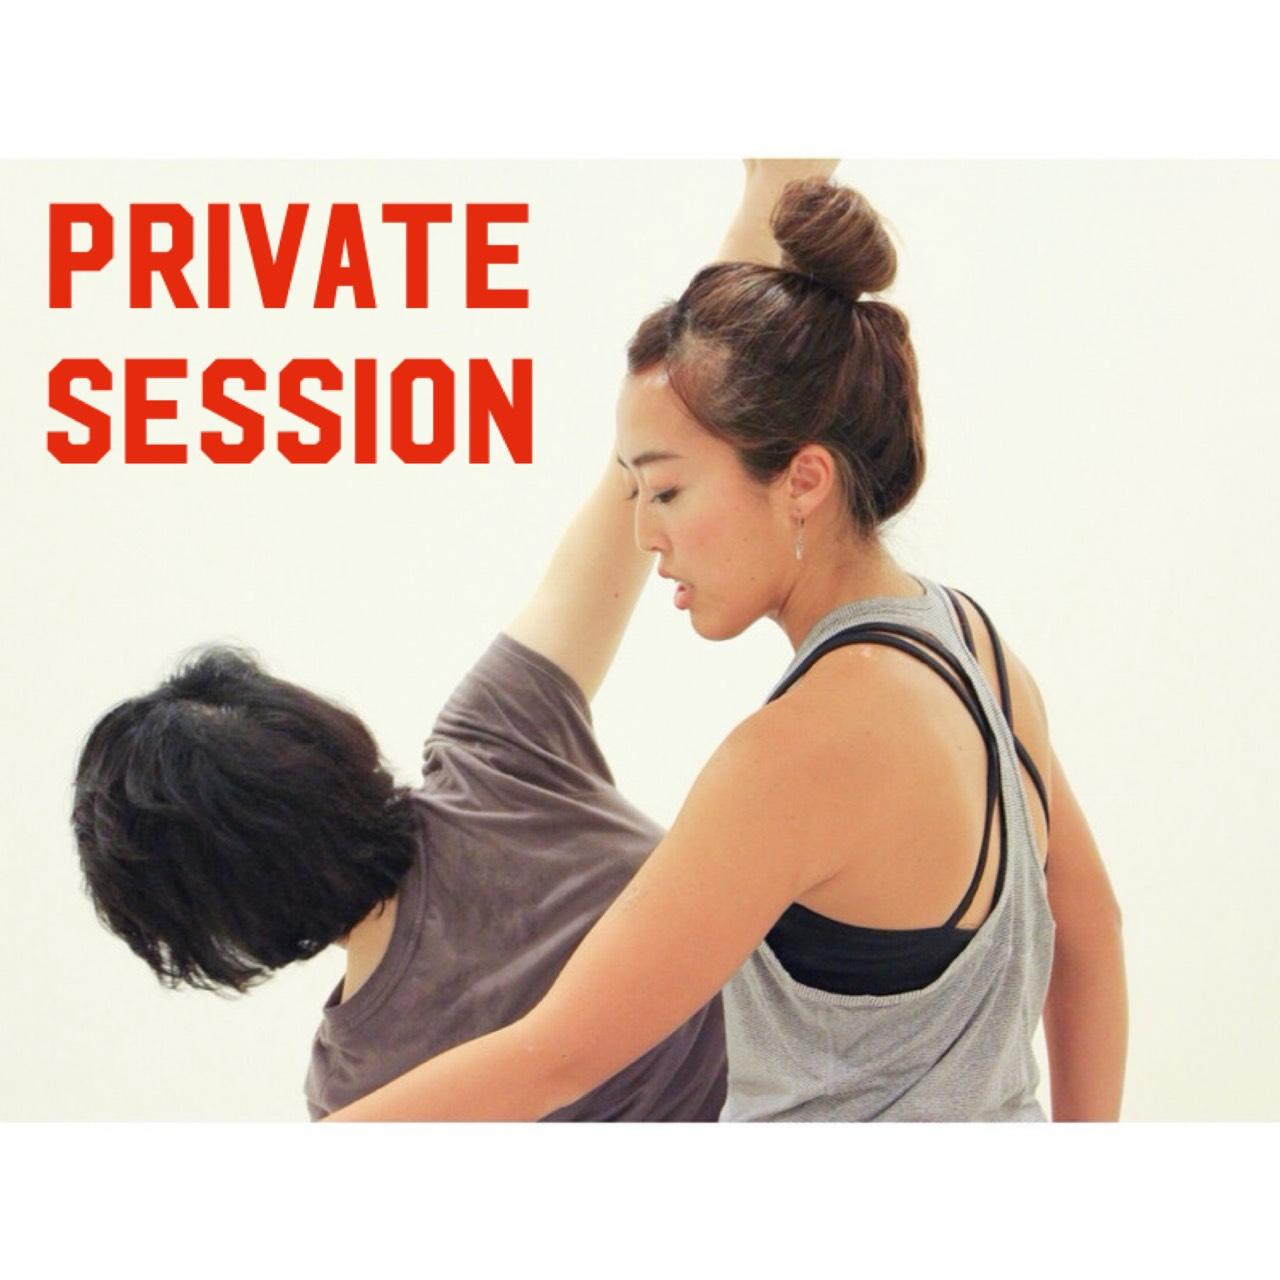 プライベートセッションについて